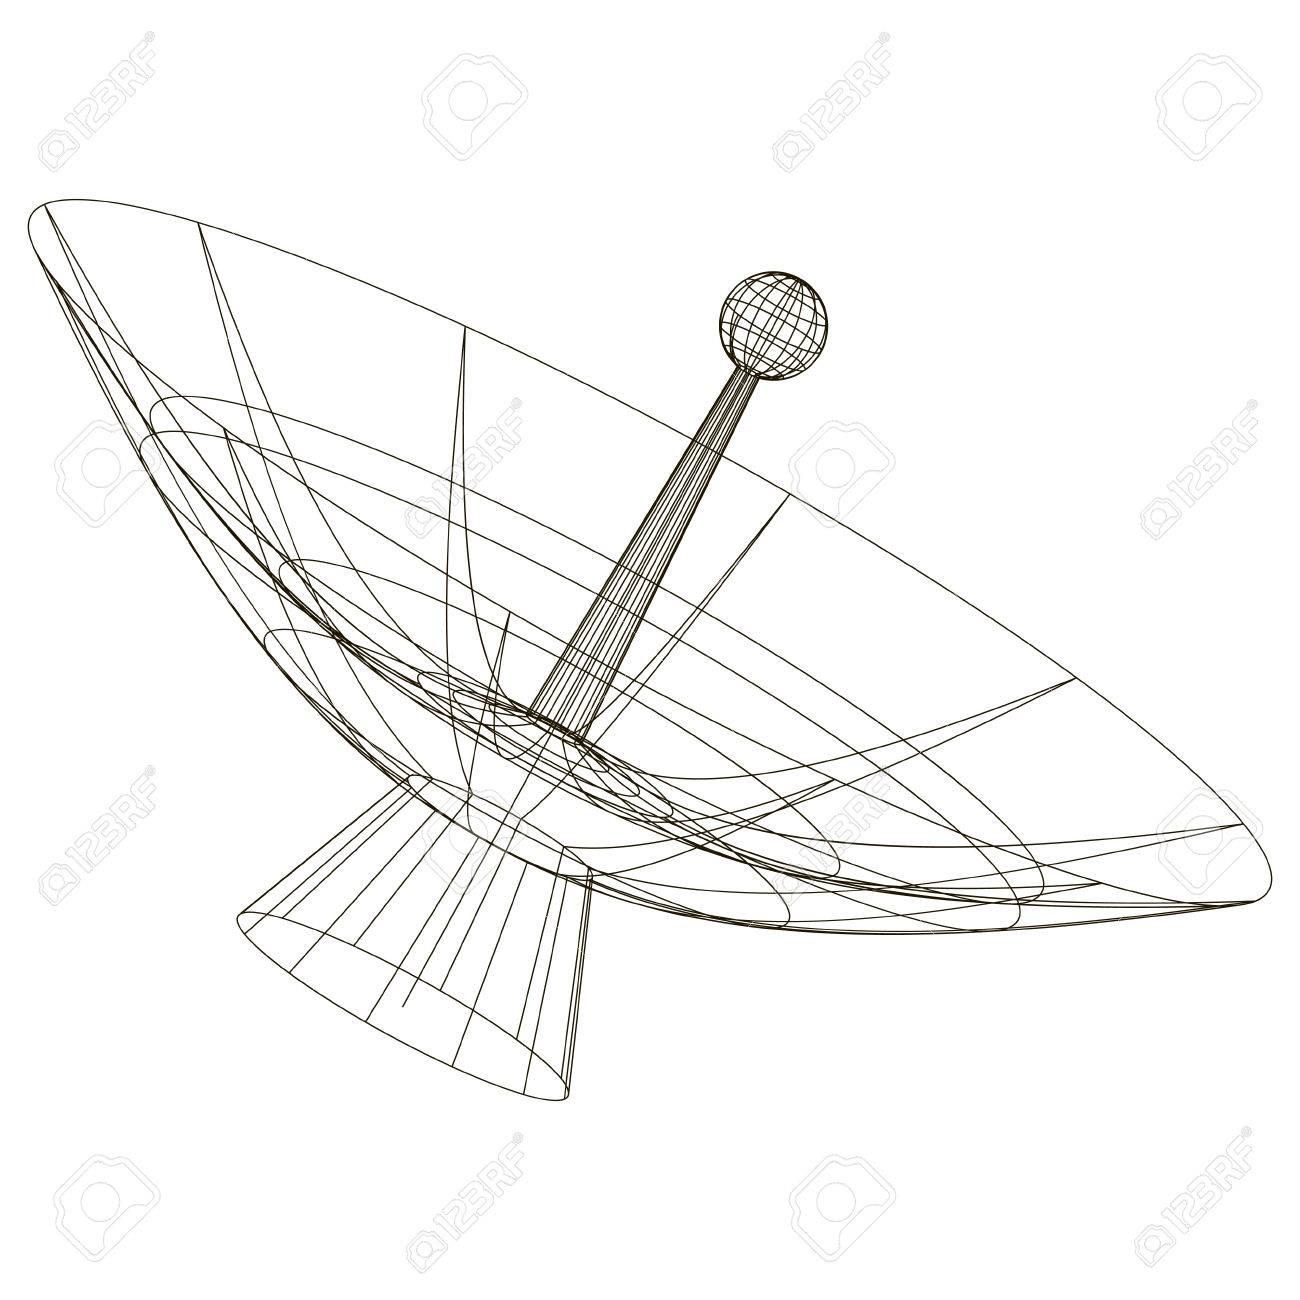 Antenna Tower Drawing At Getdrawings